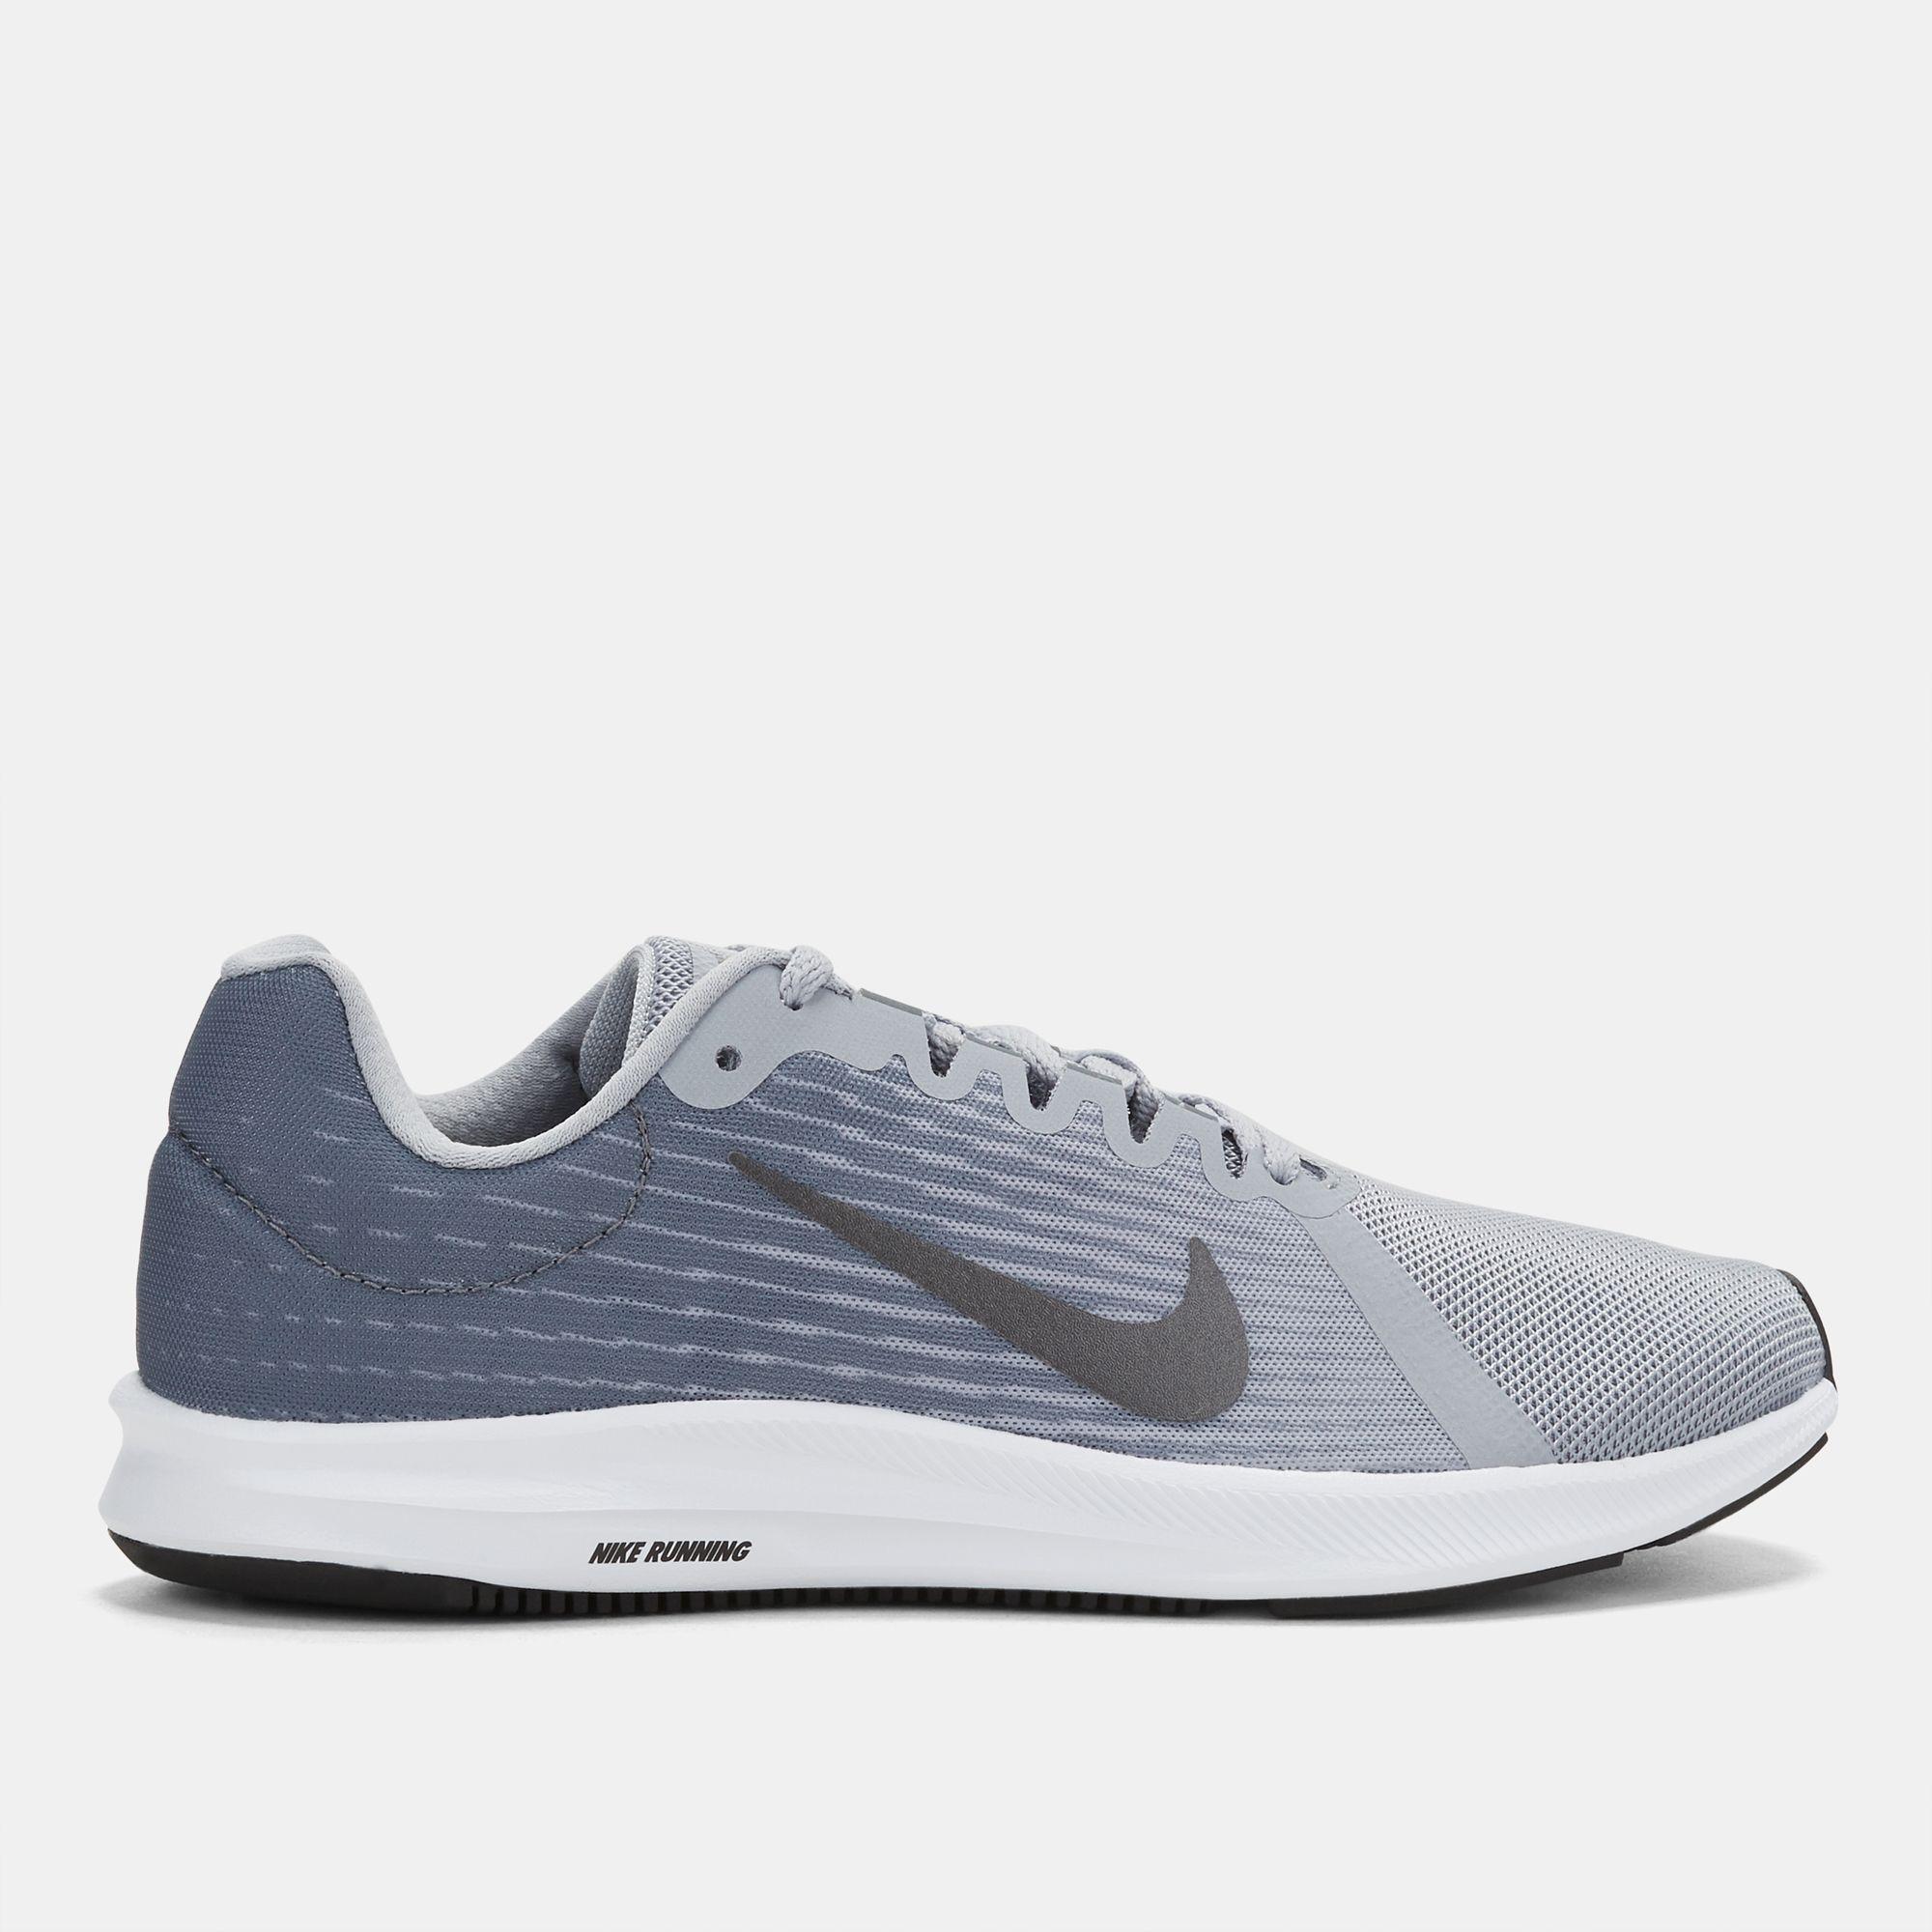 4d537a1ba483 Shop Grey Nike Downshifter 8 Running Shoe for Womens by Nike - 3